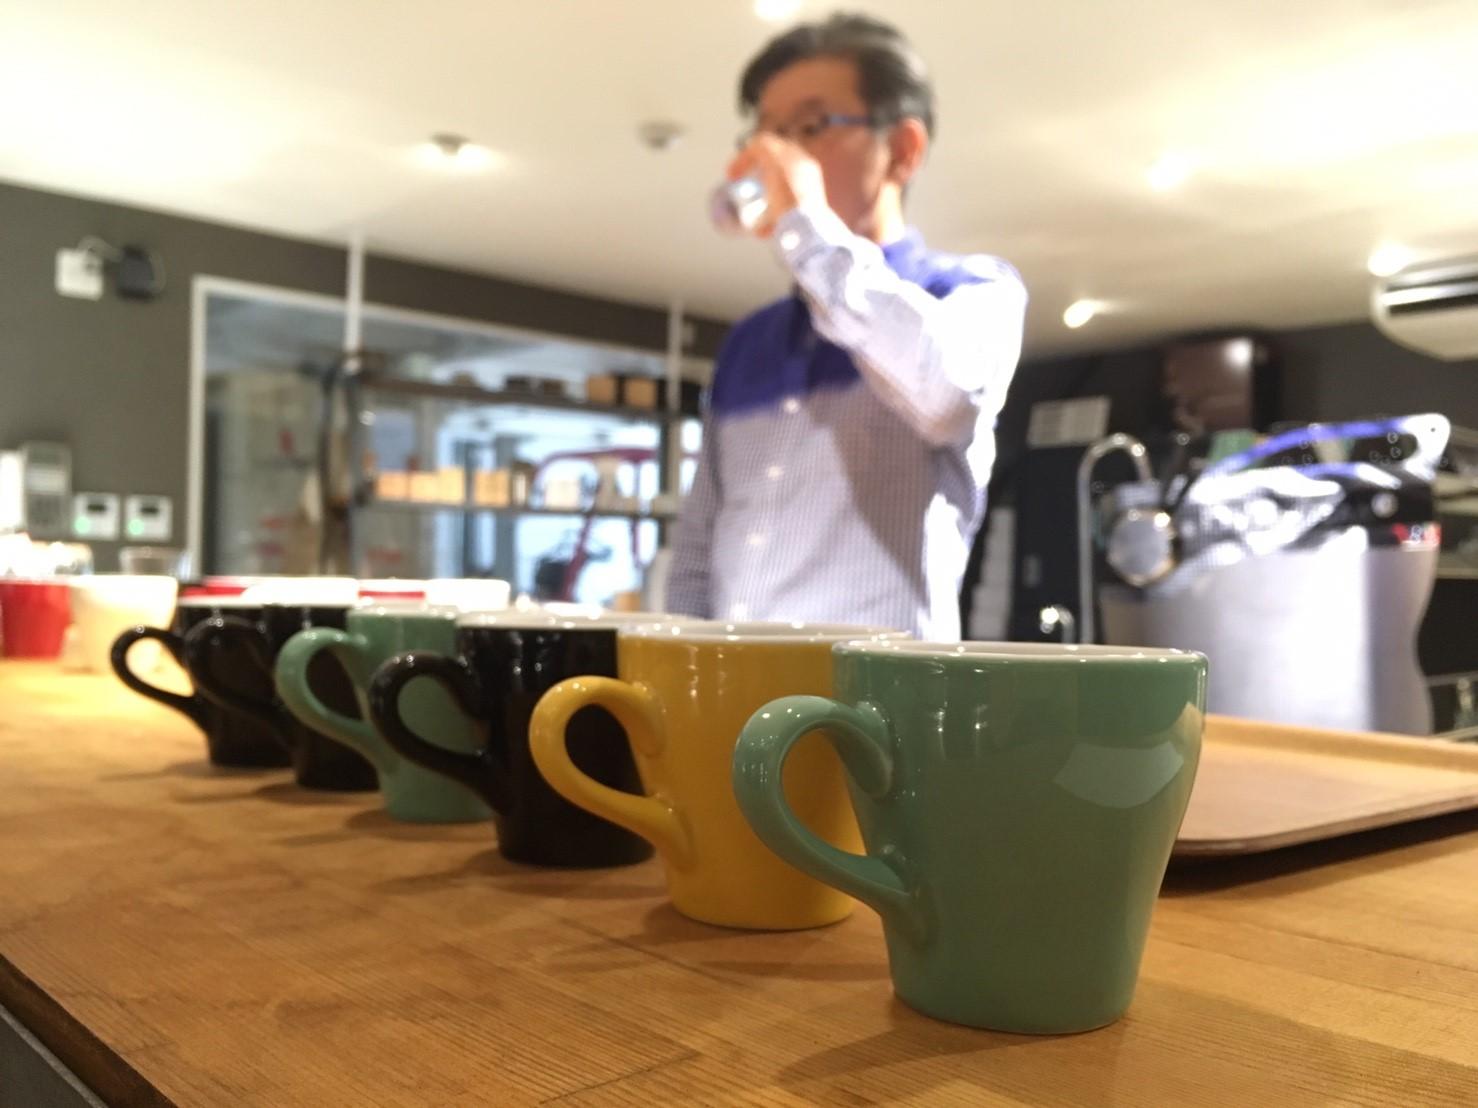 西宮と博多で嬉野さんと珈琲を学び、コーヒーハウスで語る会。と、旅する読書会。